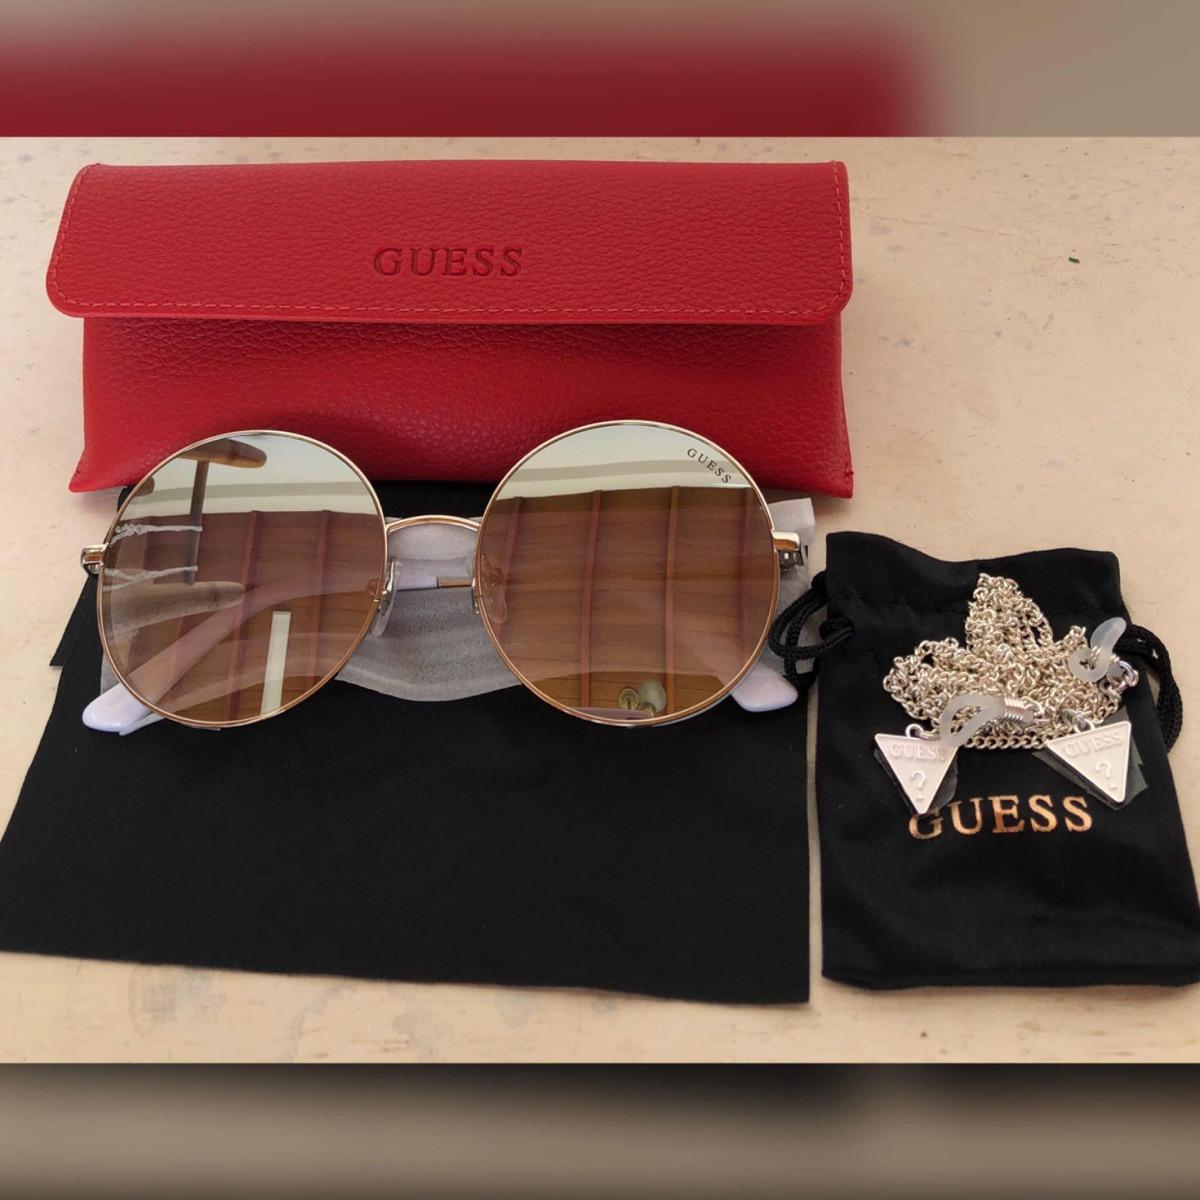 21db26d7a Óculos De Sol Guess Degrade Prata Com Branco - Novo - R$ 799,00 em ...